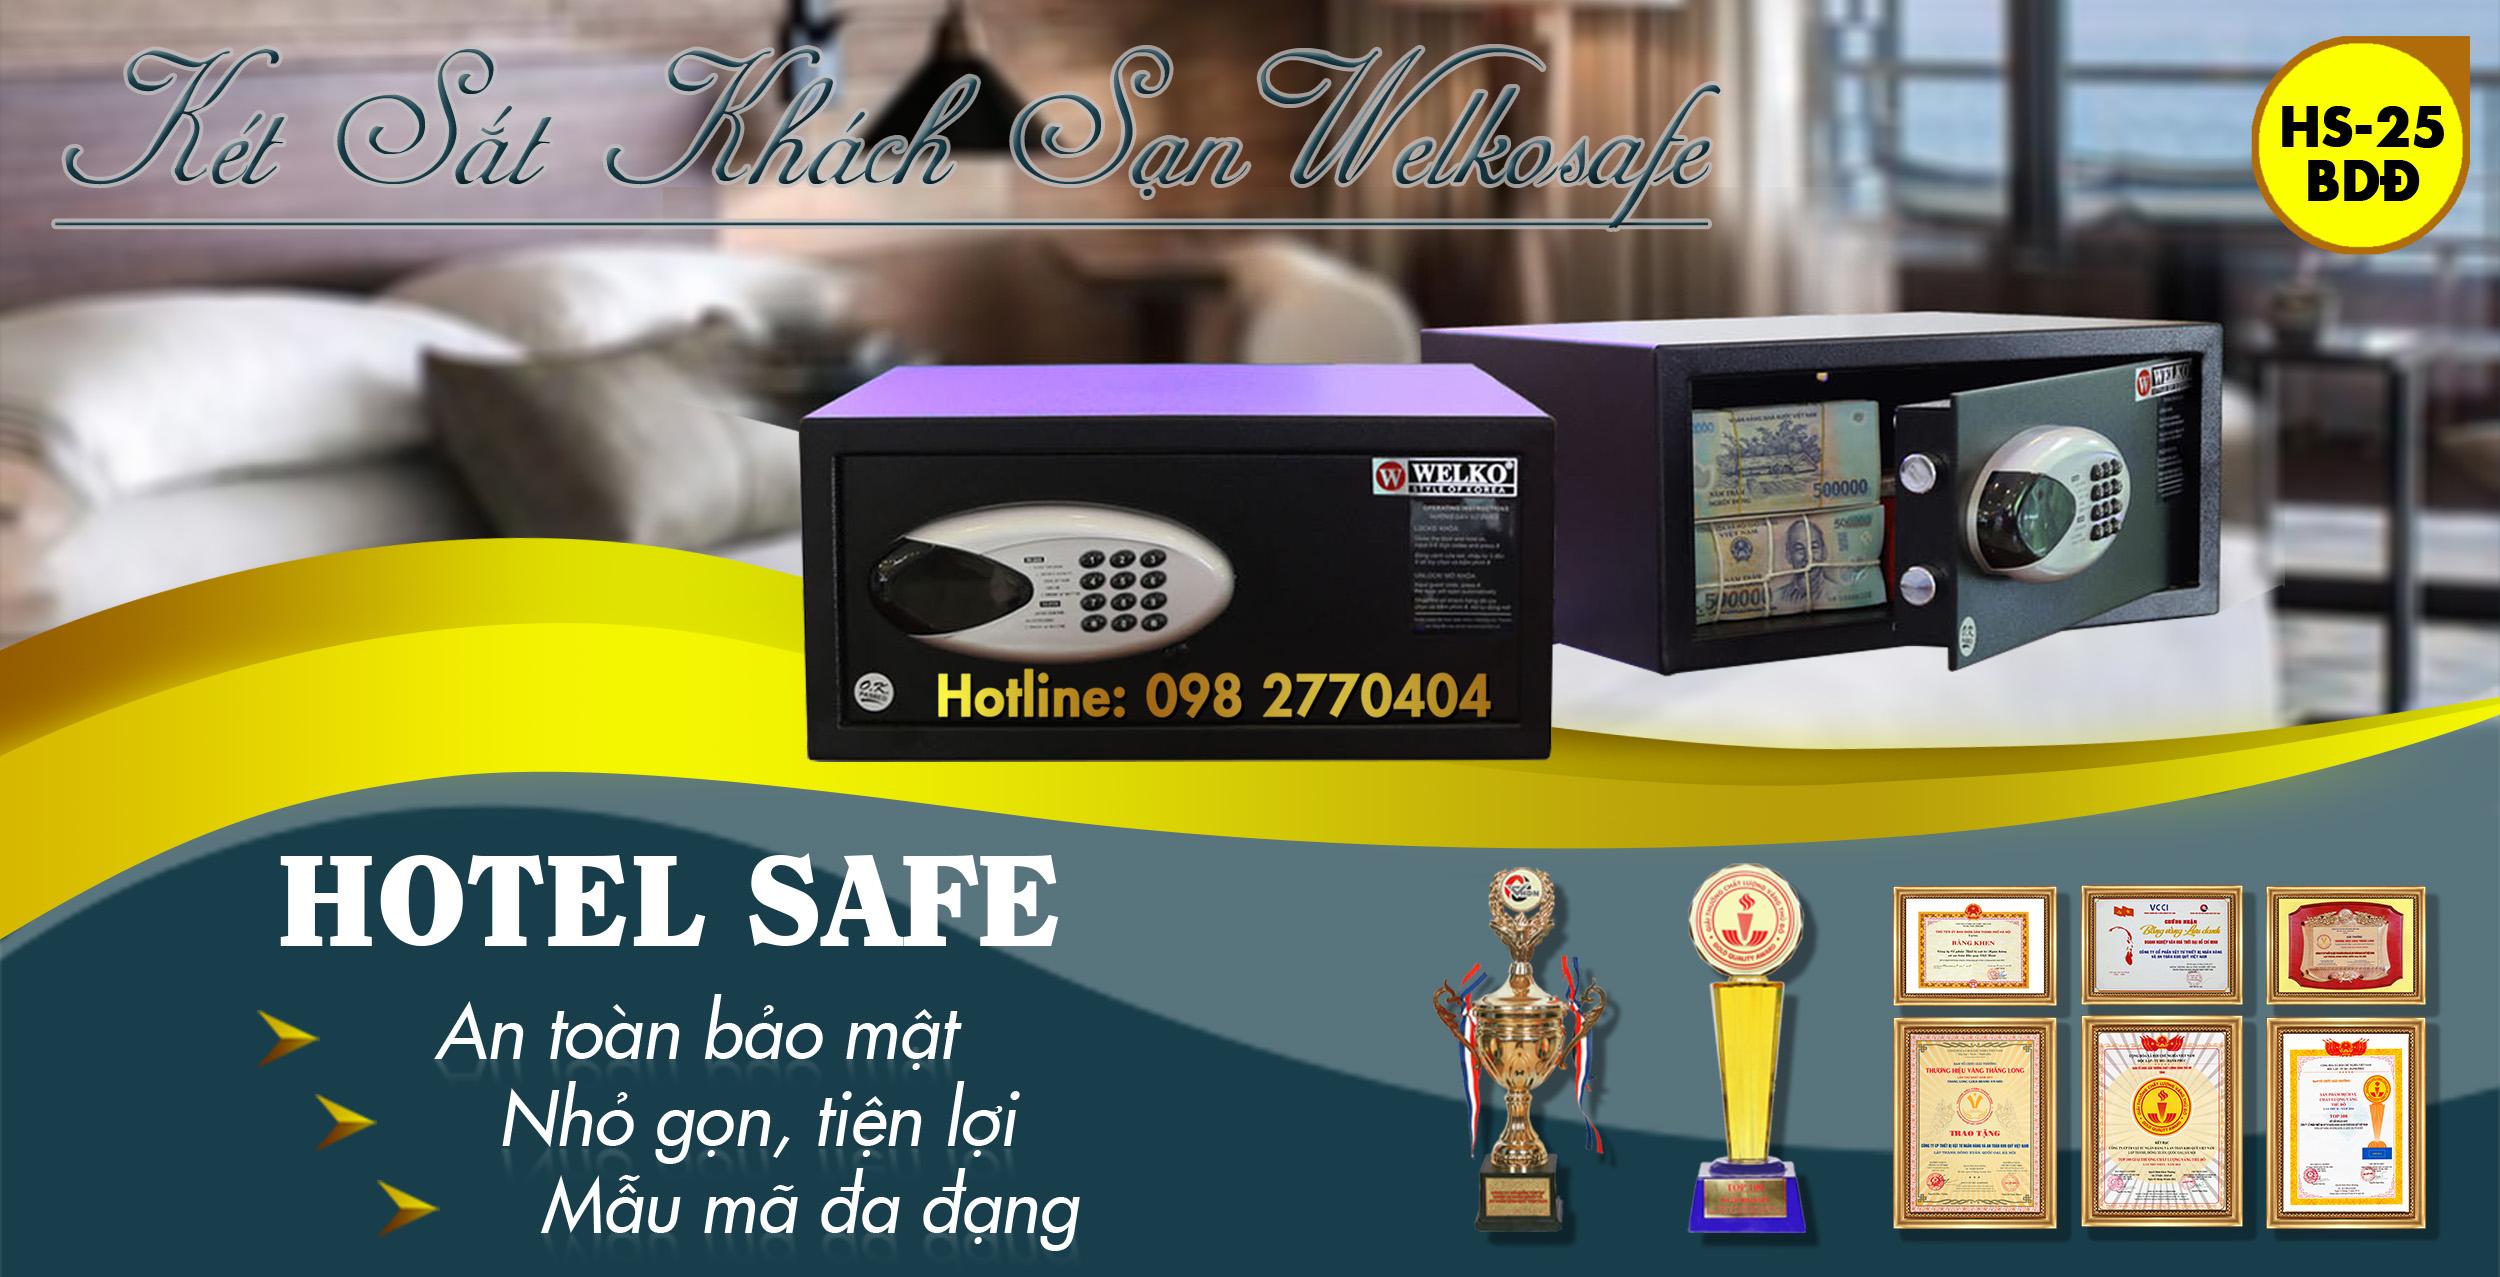 hình ảnh sản phẩm cách đổi mật khẩu két sắt khách sạn điện tử việt tiệp